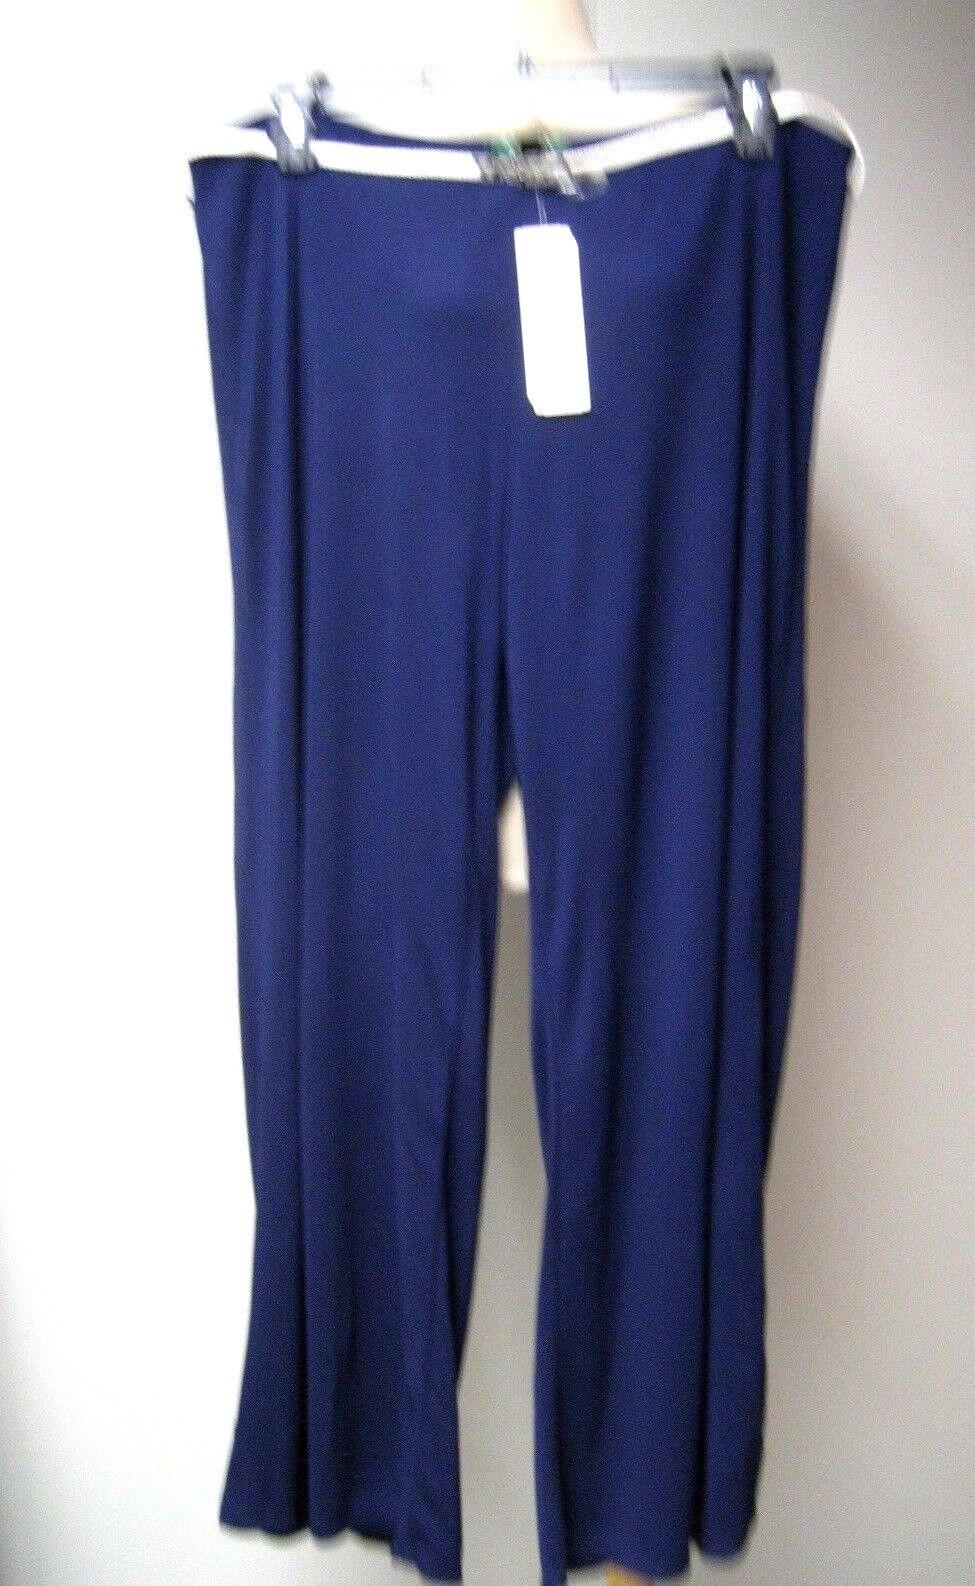 2X LAUREN RALPH LAUREN Elastic Waist Wide leg pants with belt in Navy, size 2X